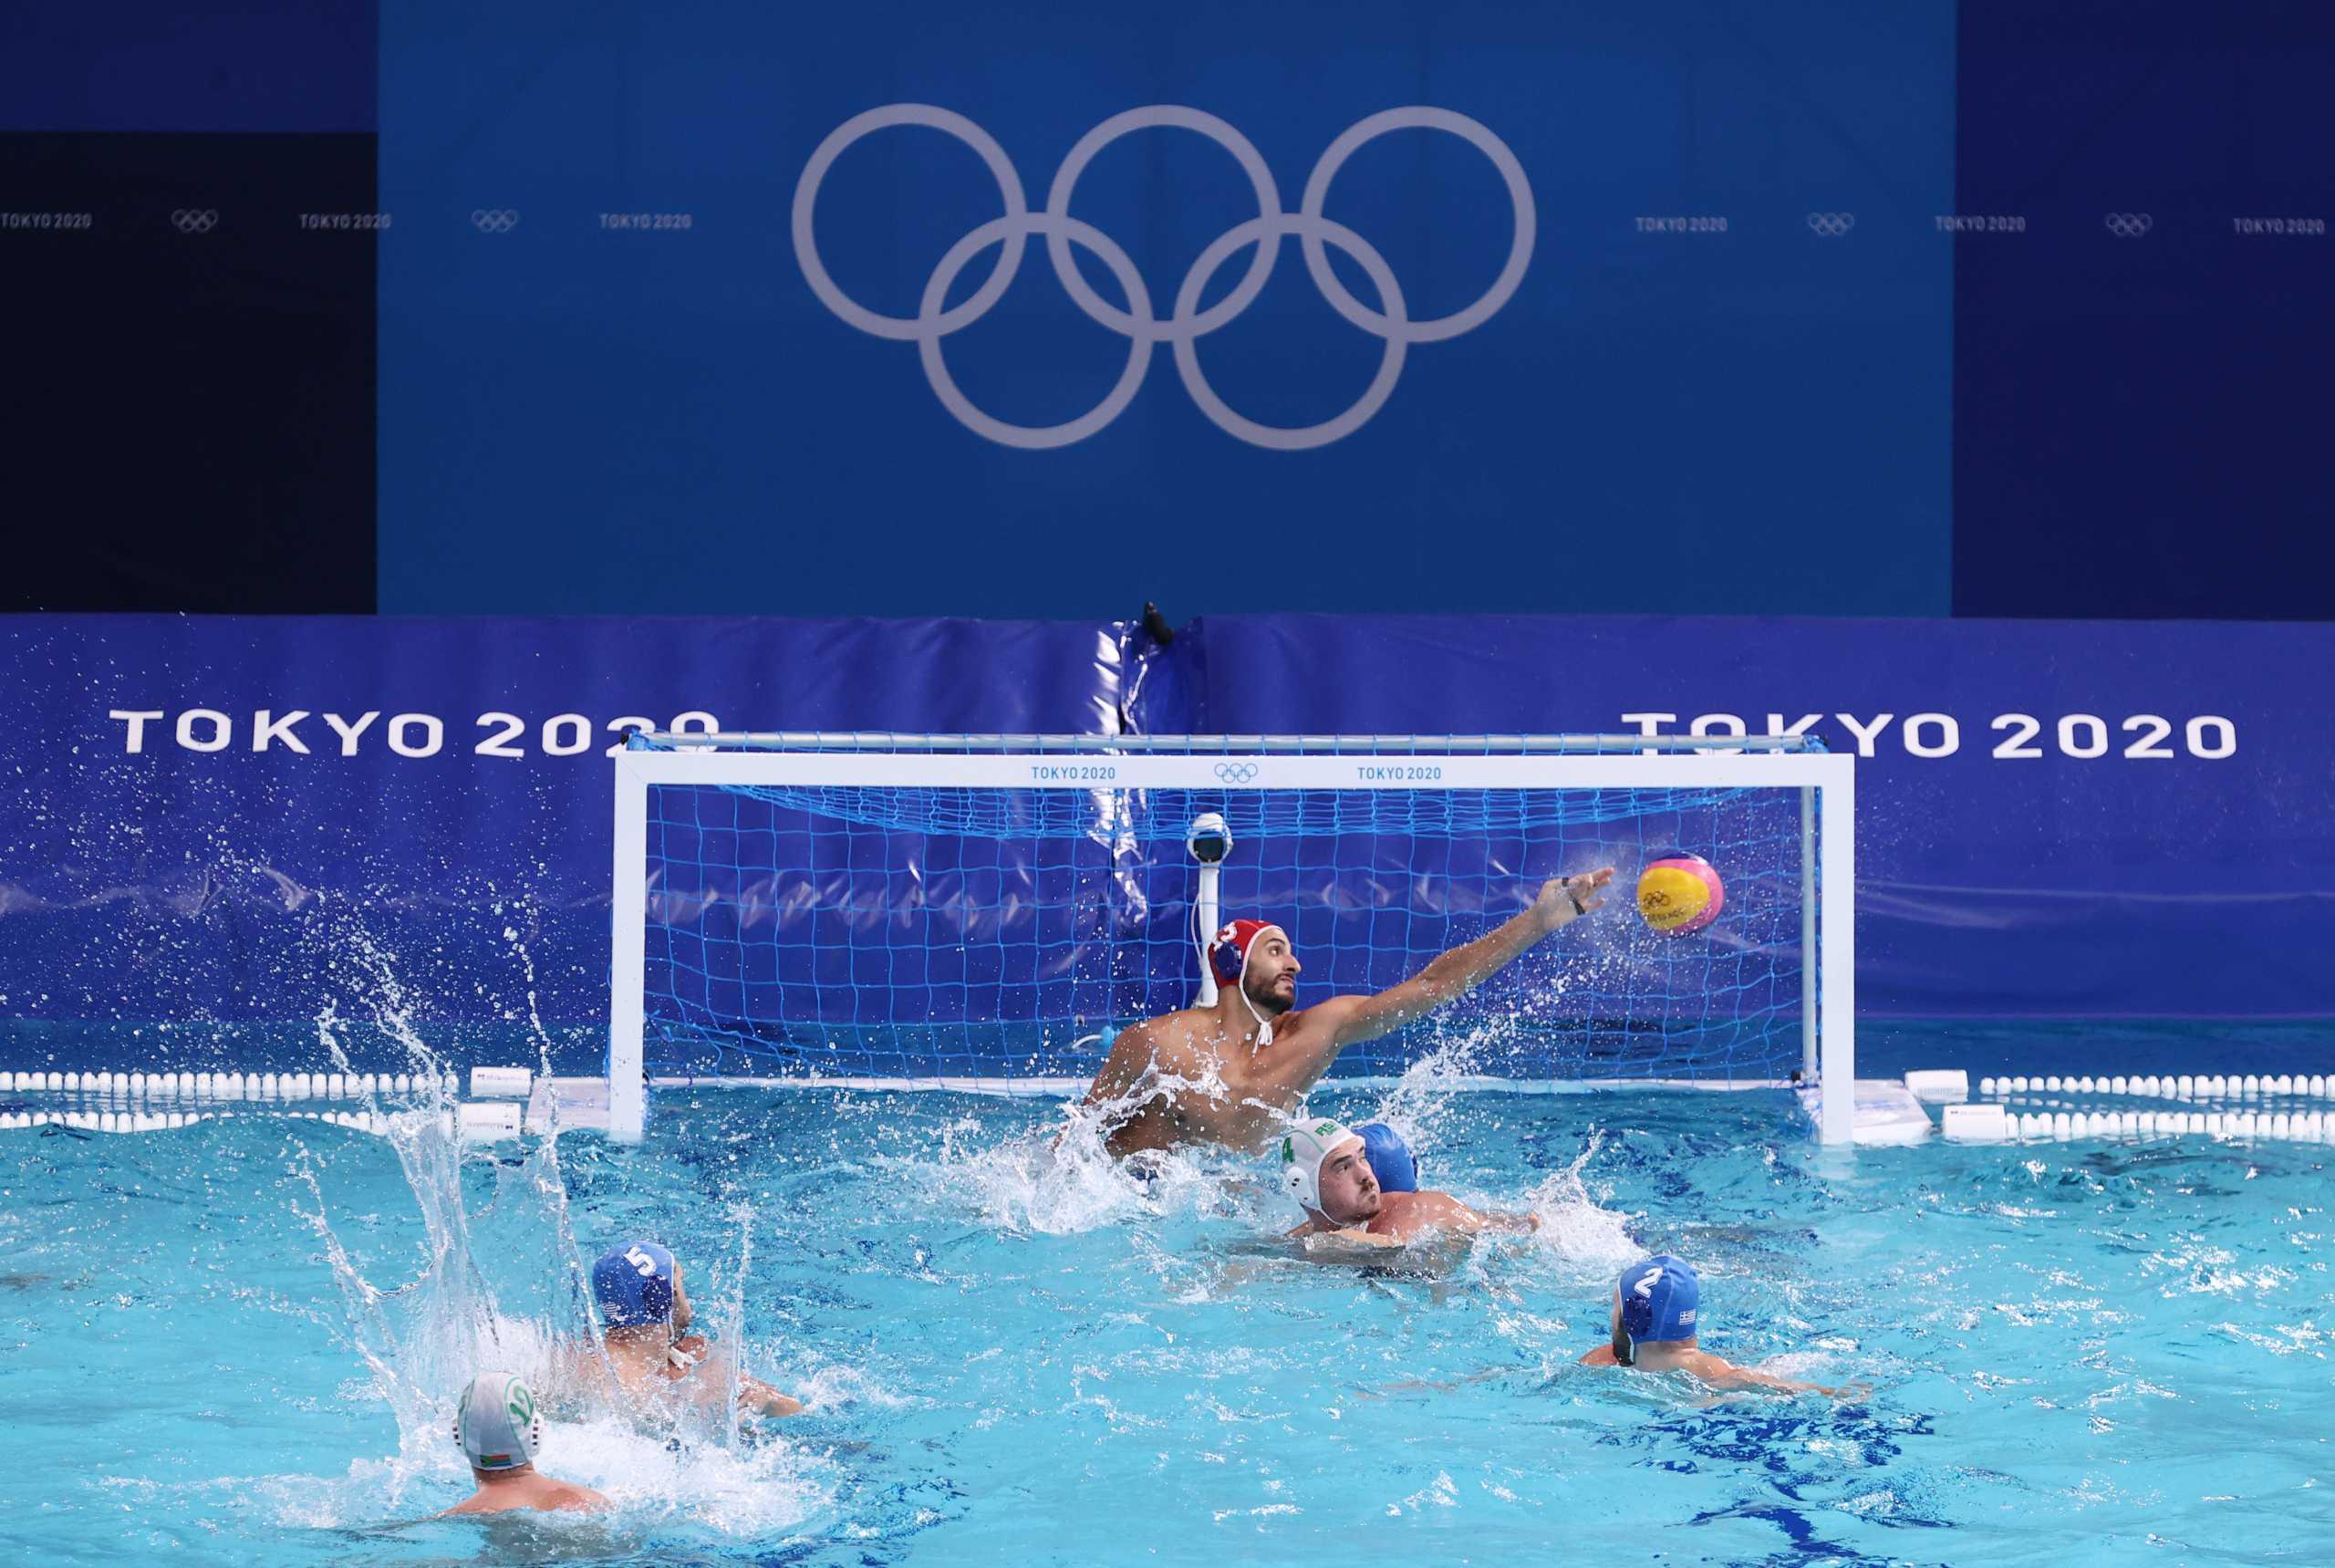 Ολυμπιακοί Αγώνες: Οι ελληνικές συμμετοχές της 13ης ημέρας